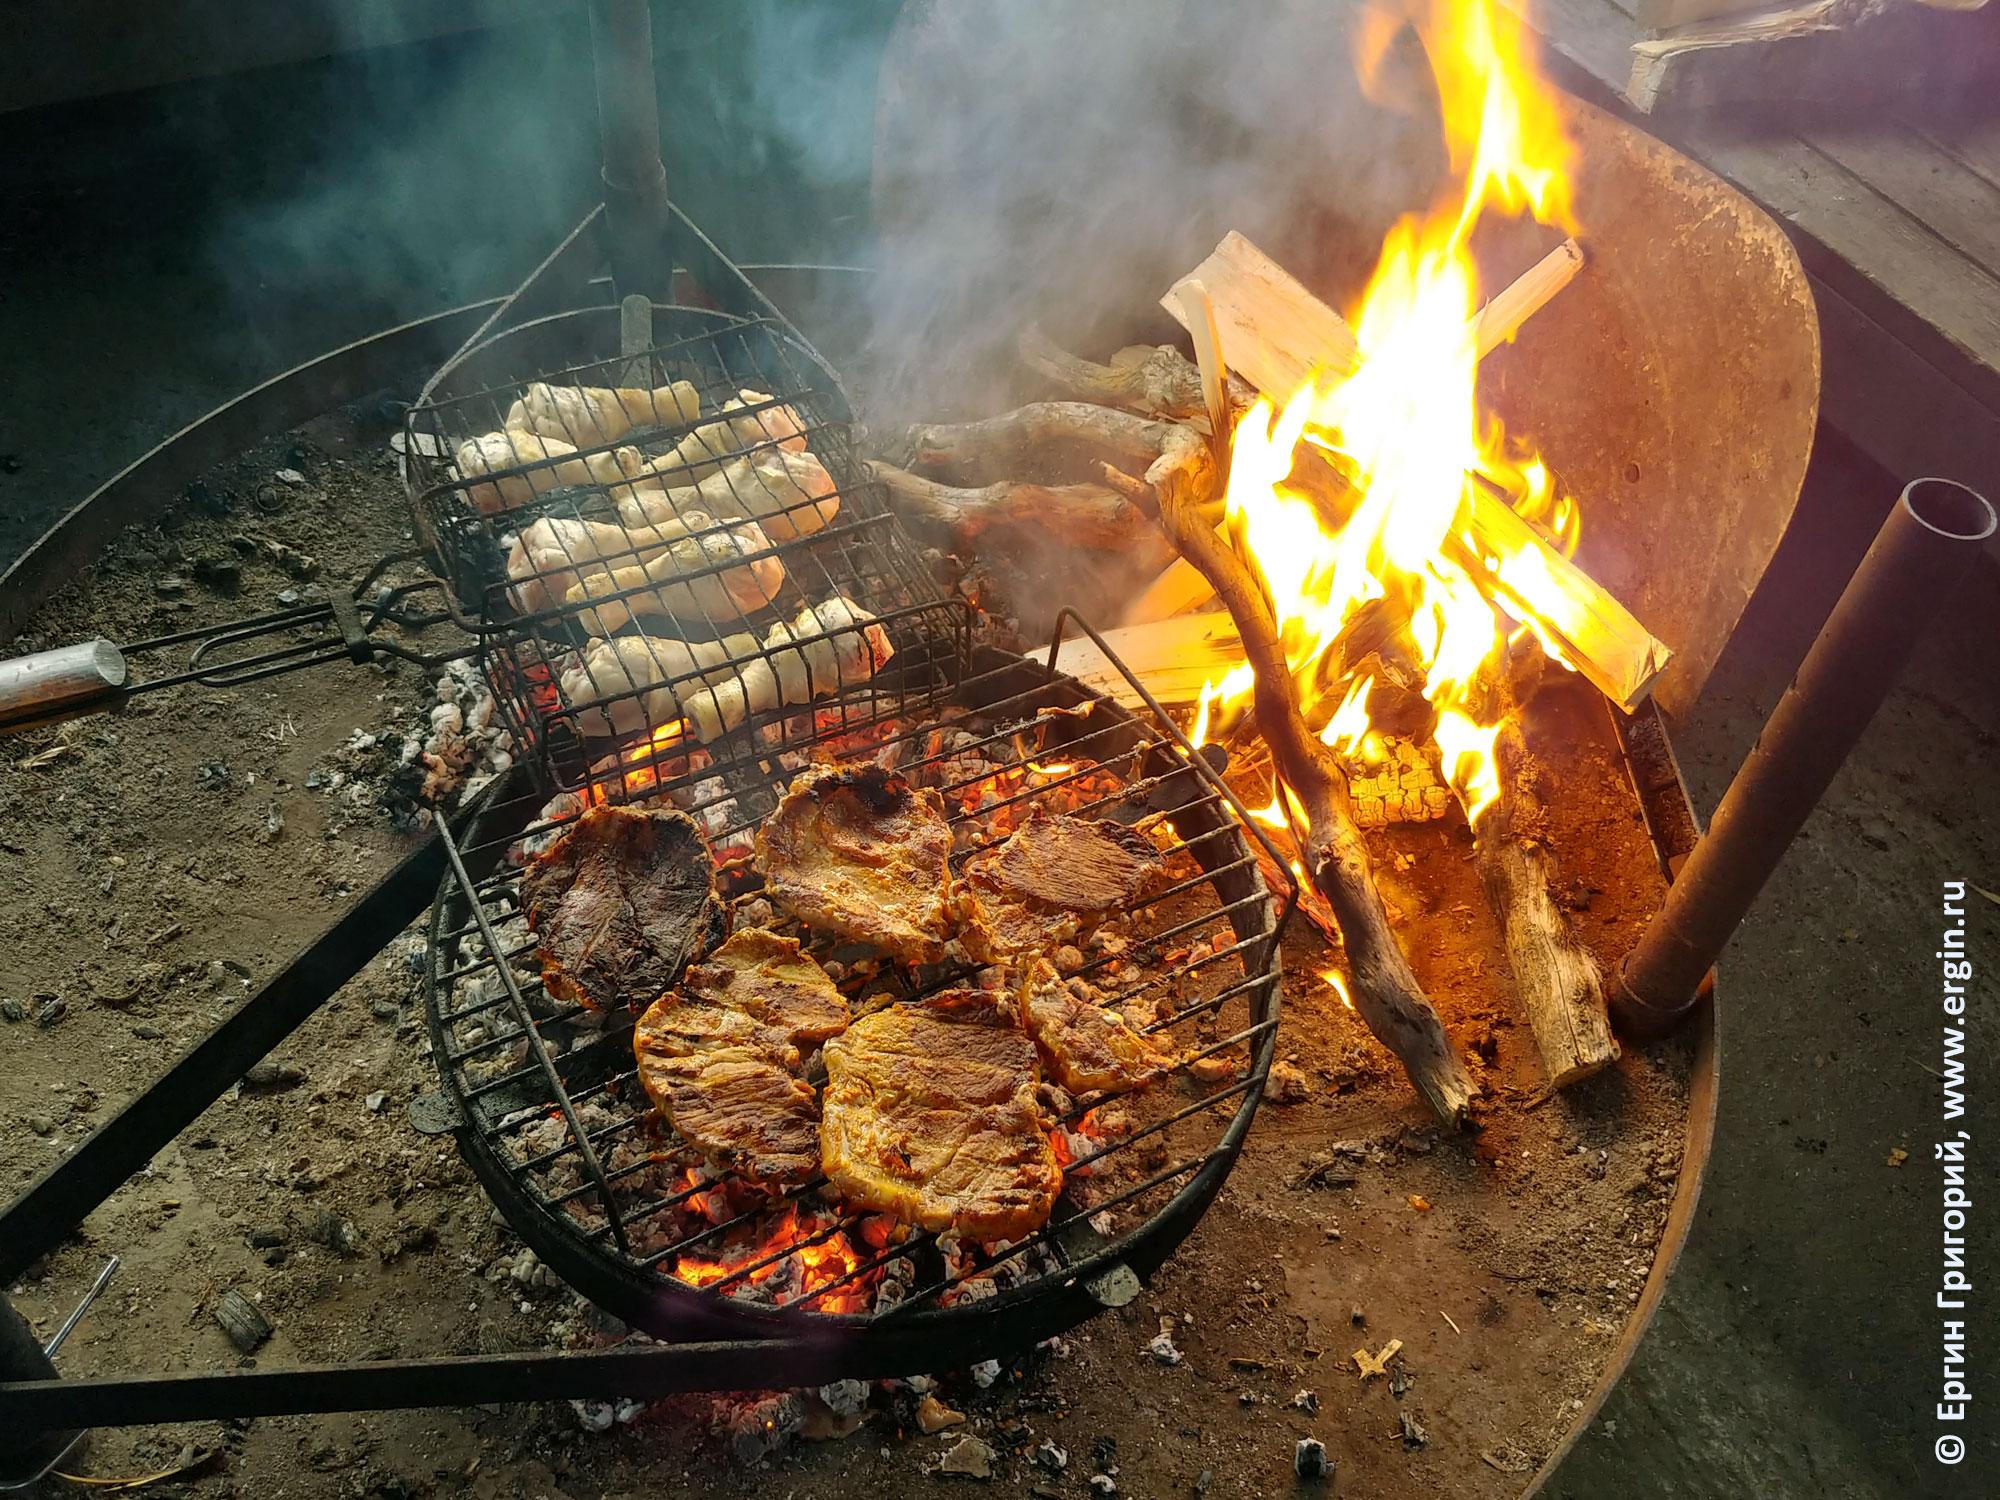 Мясо готовится на костре в Нейтикоски Лиекса